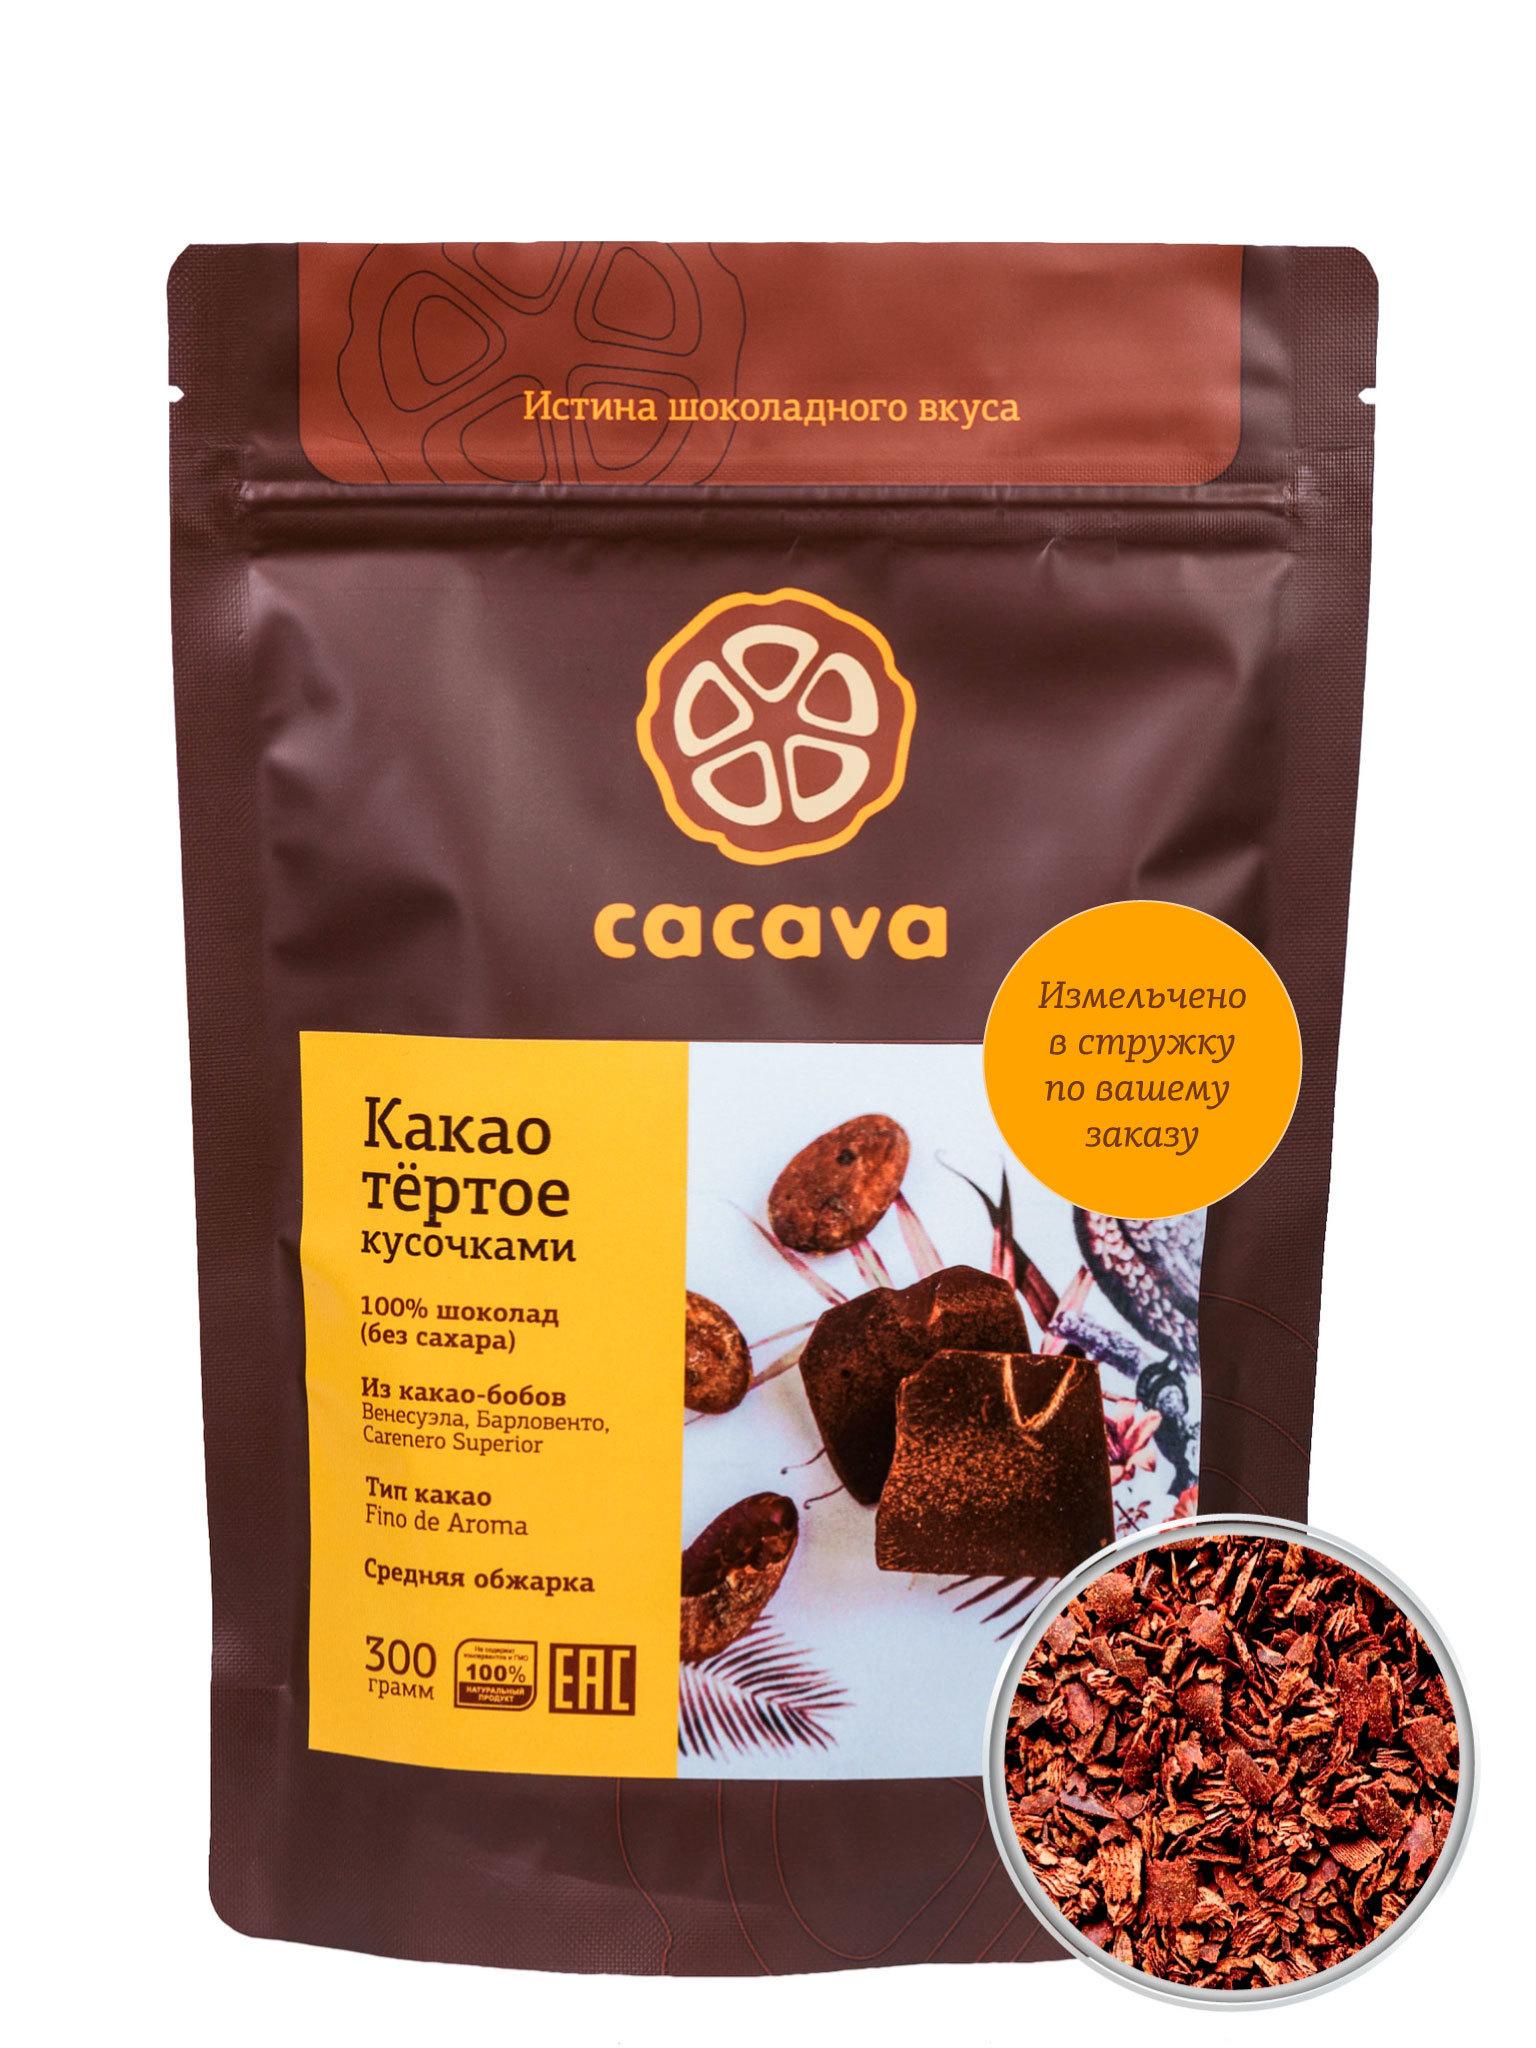 Какао тёртое в стружка (Венесуэла), упаковка 300 грамм